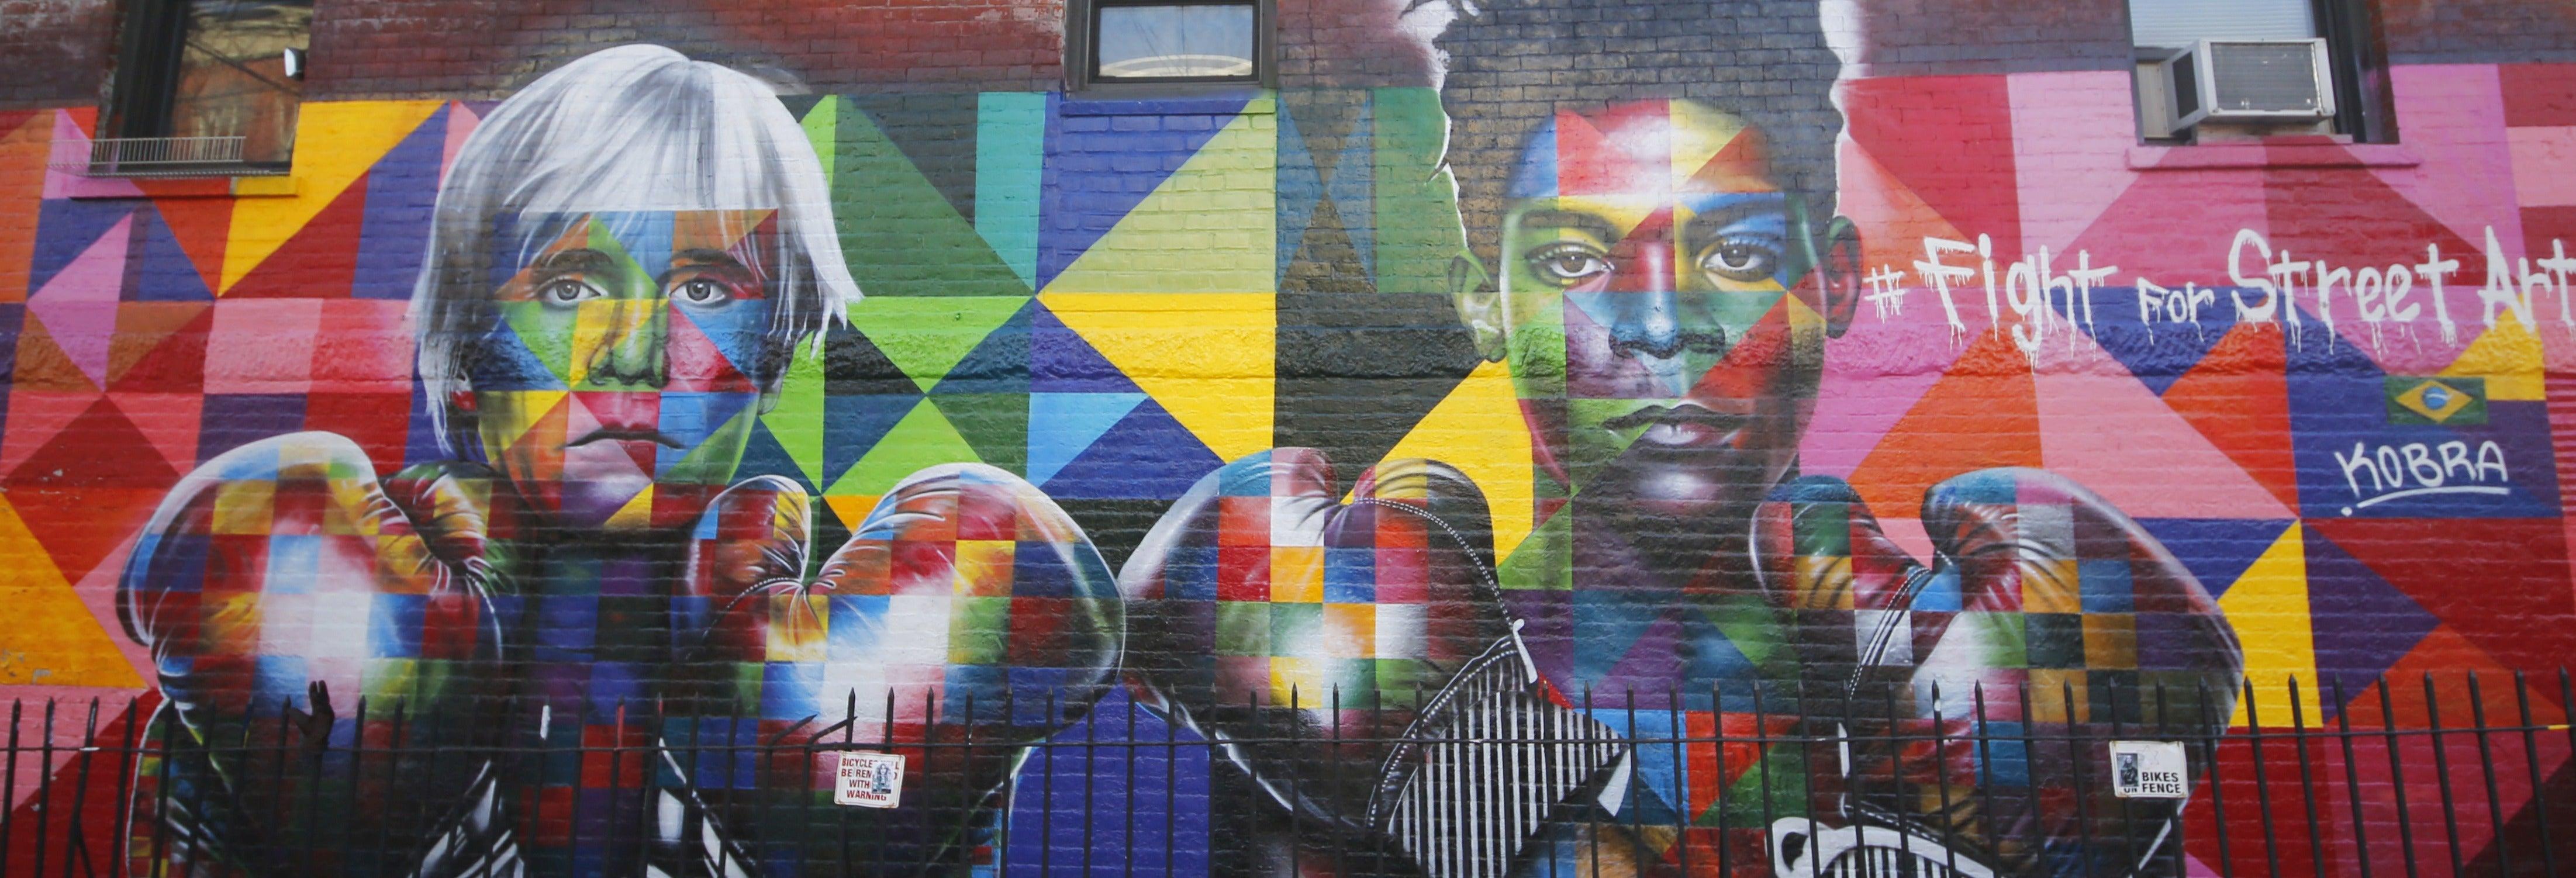 Visite autour du street art et de la culture hipster à Brooklyn